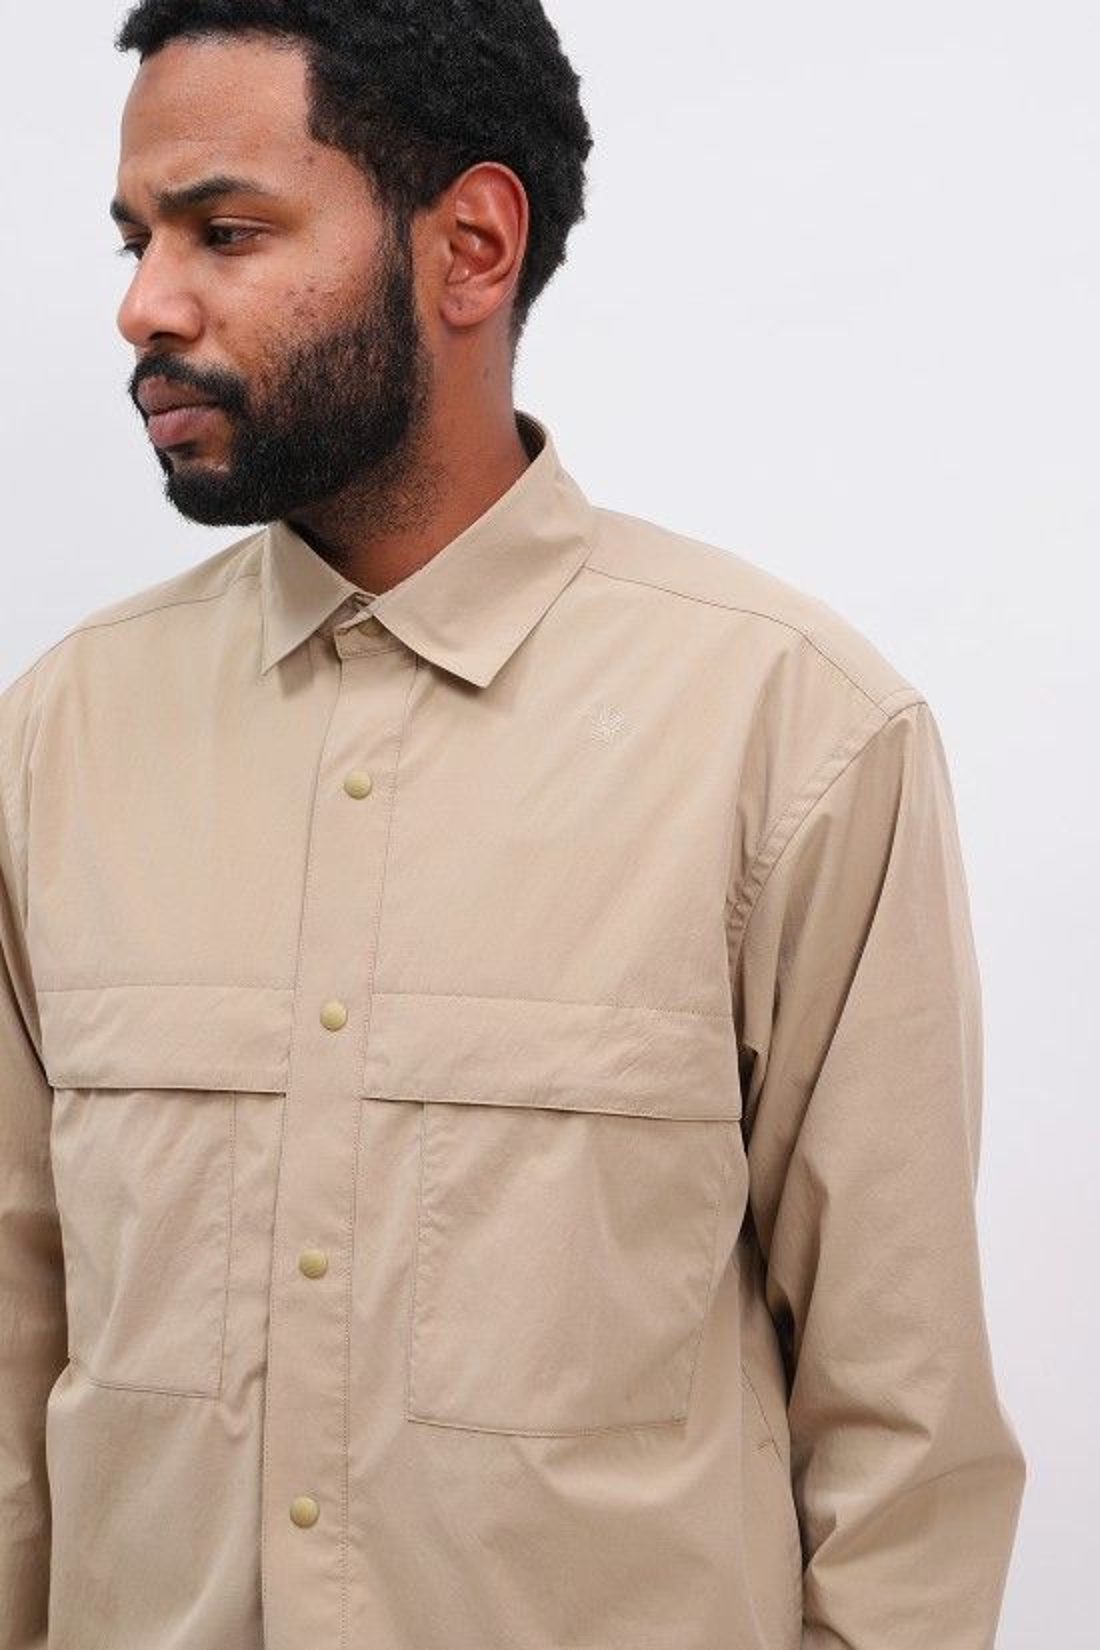 GOLDWIN / Square box coach shirt Clay beige